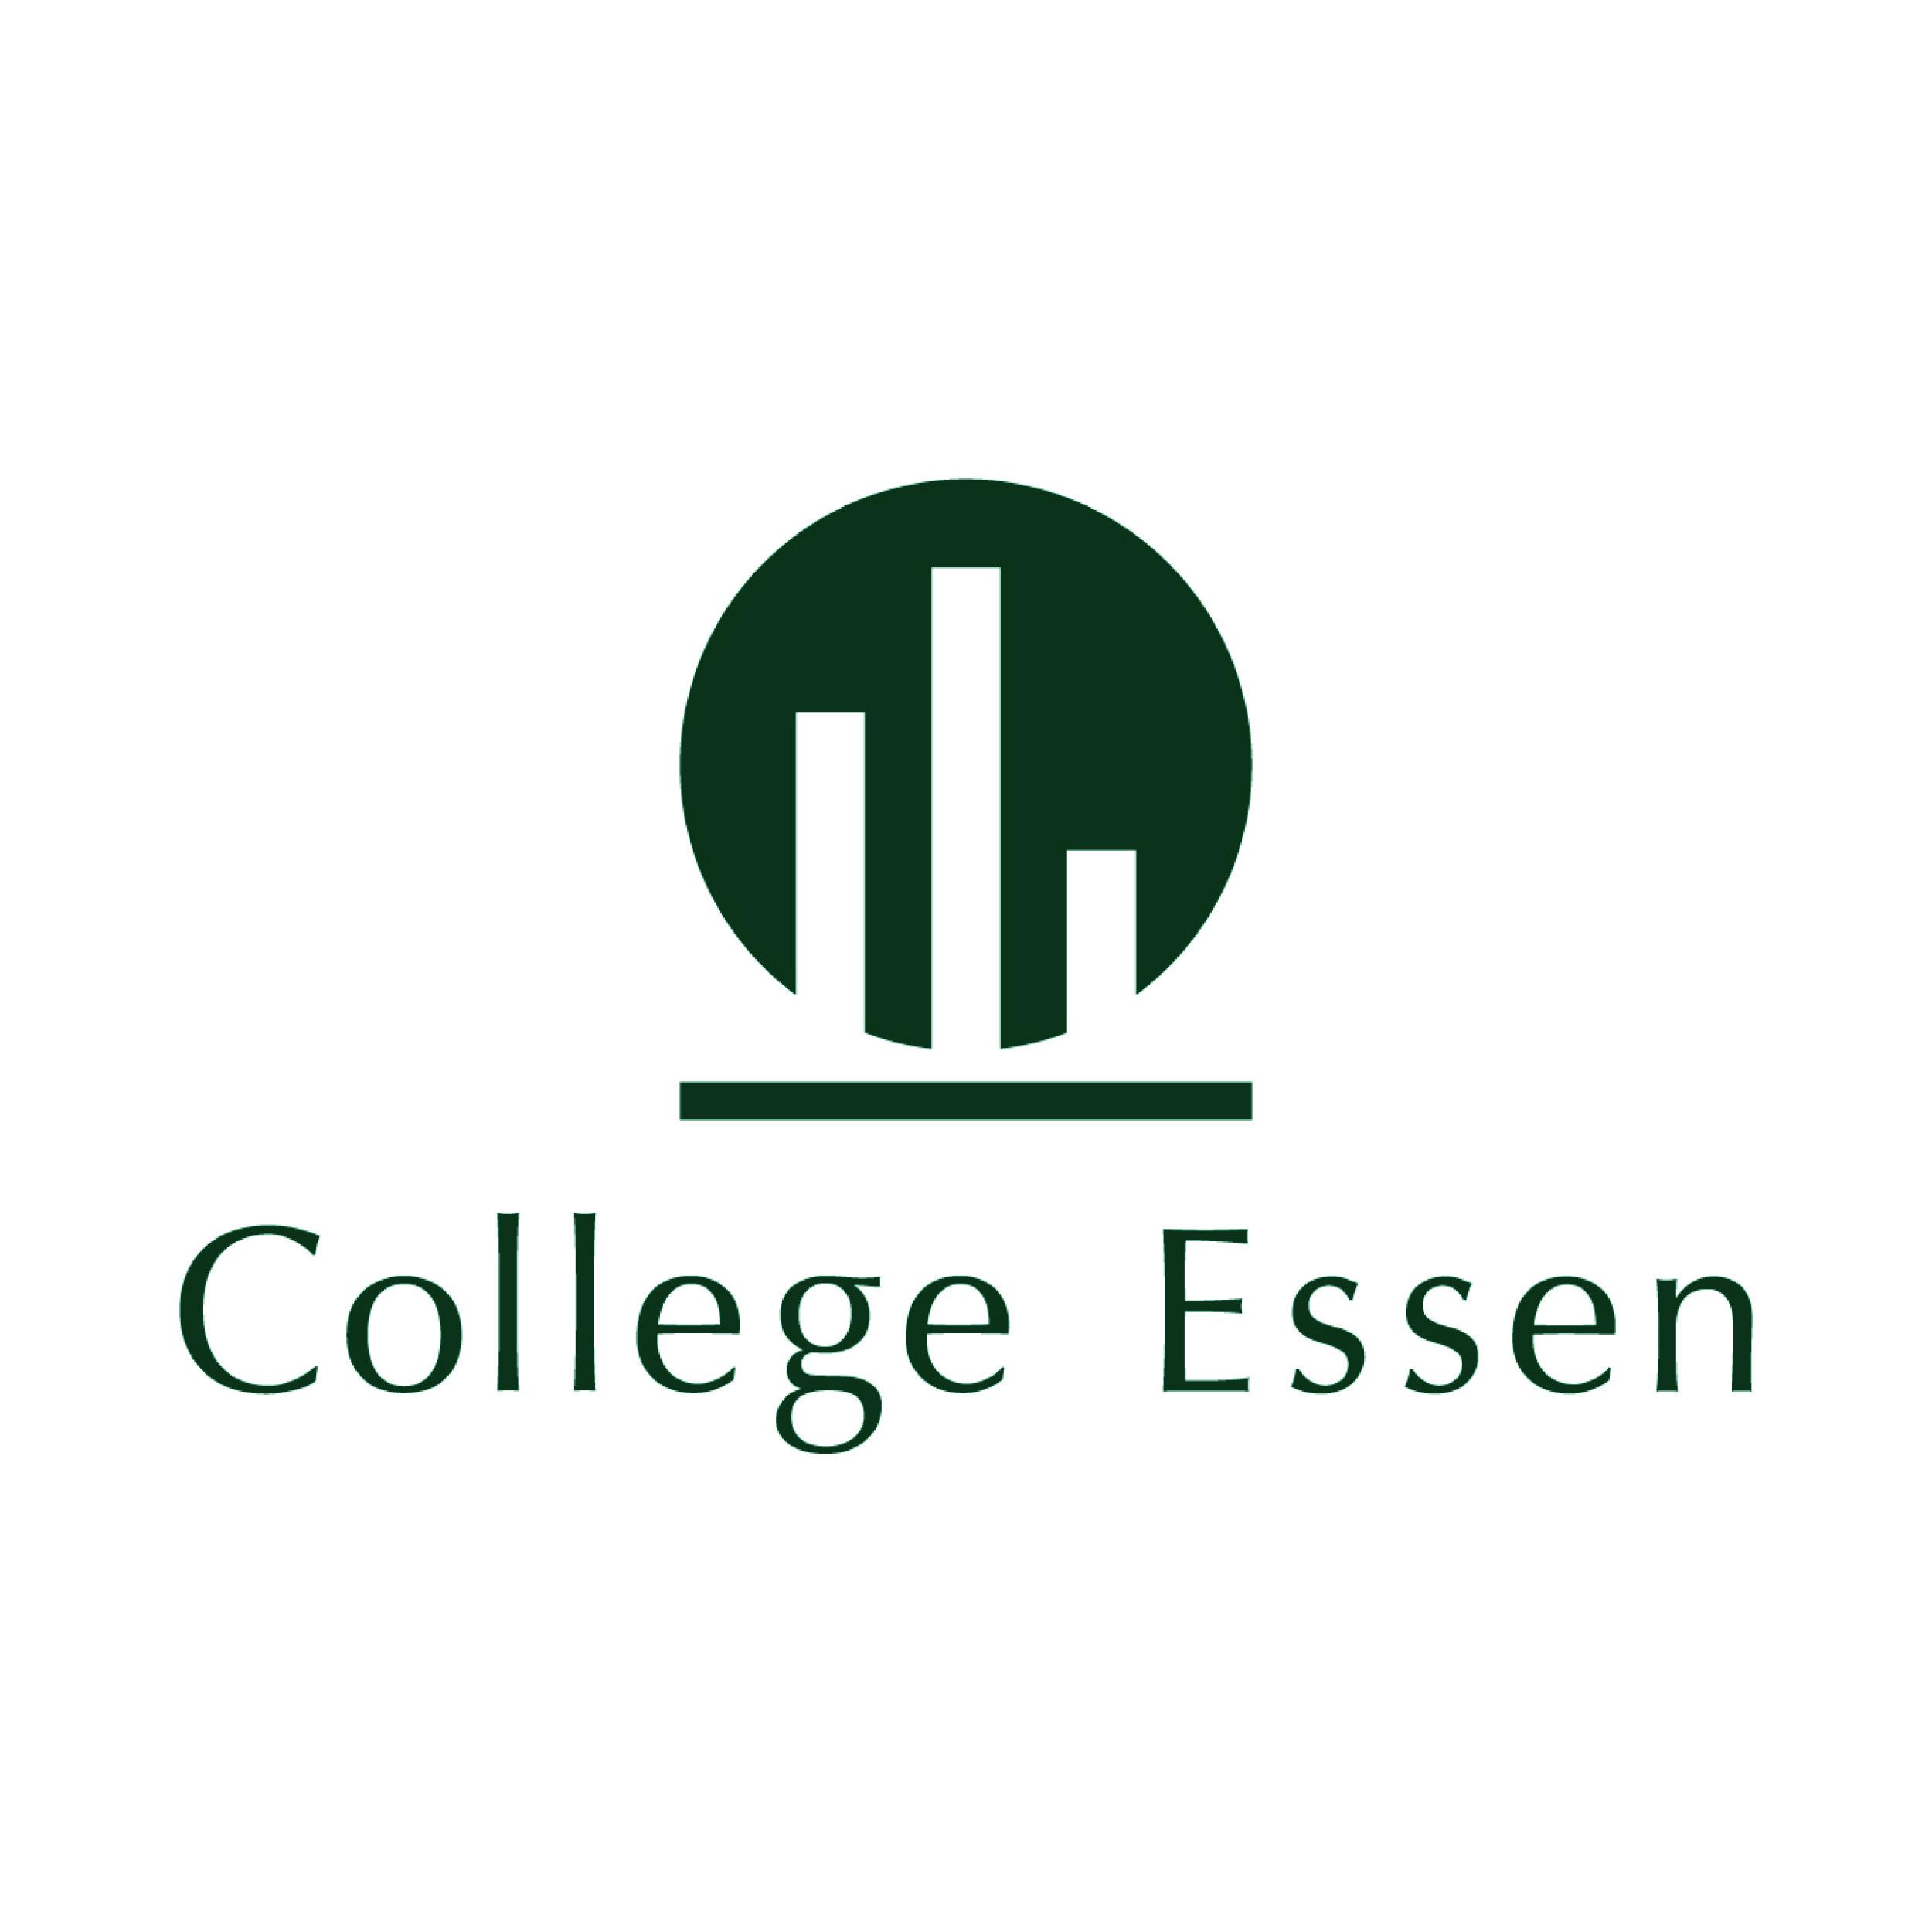 Logo College Essen square.jpg